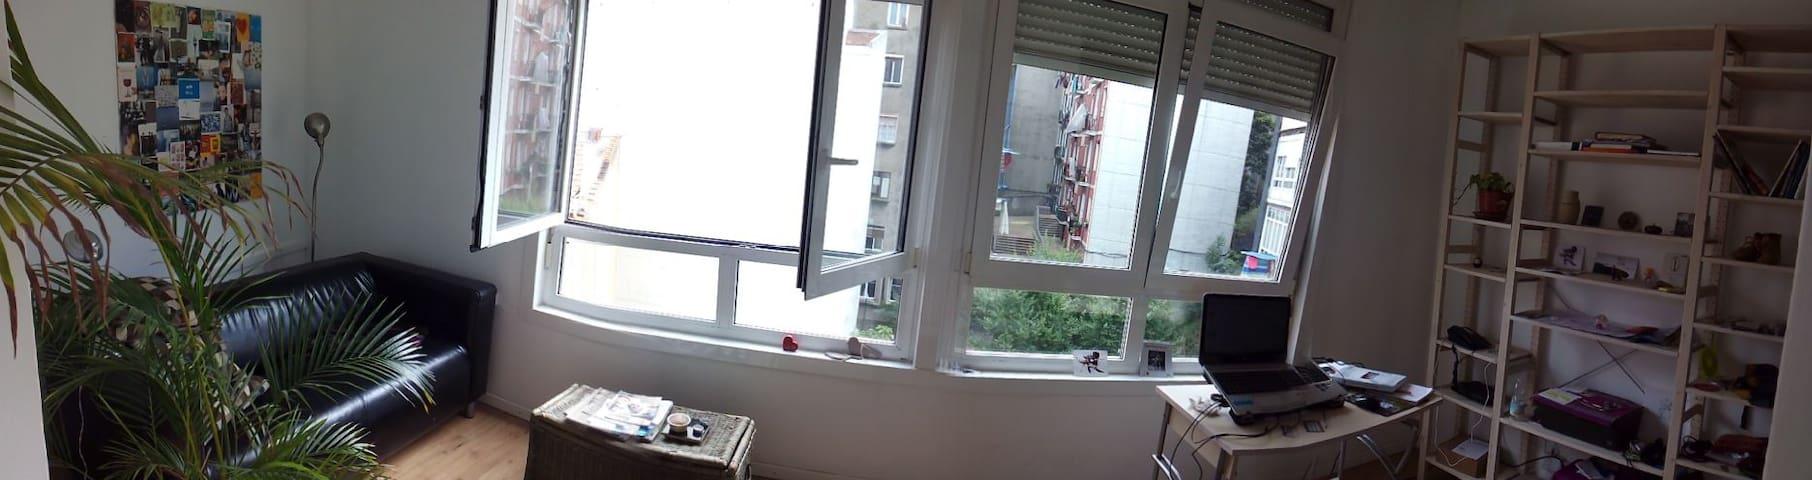 Habitación cama grande en casco viejo de Bilbao - Bilbao